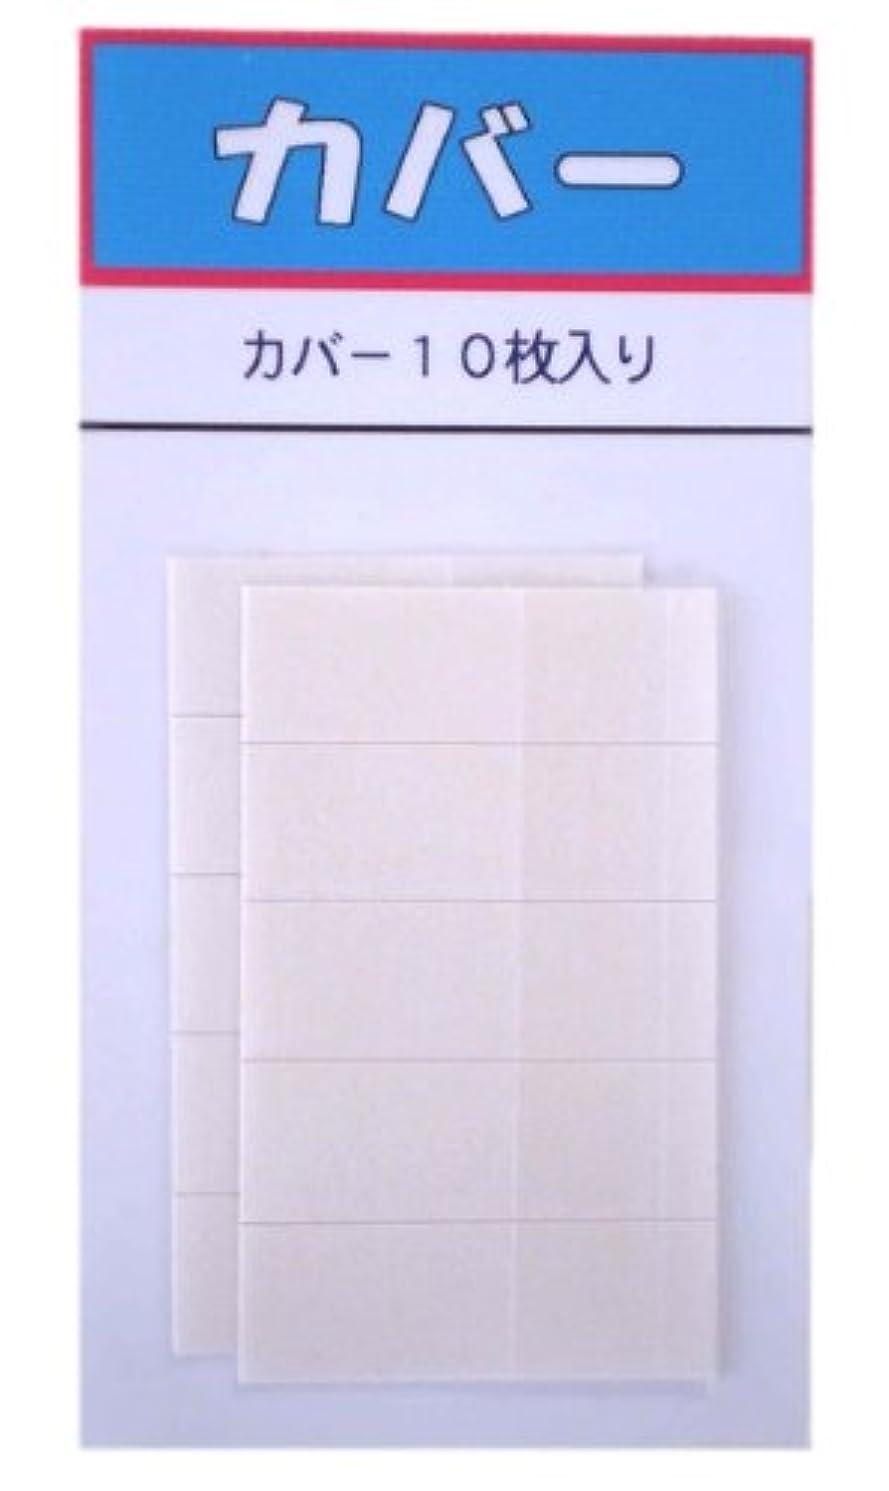 迷彩ぺディカブ地殻巻き爪ブロックセット品 単品販売 カバー10枚入り